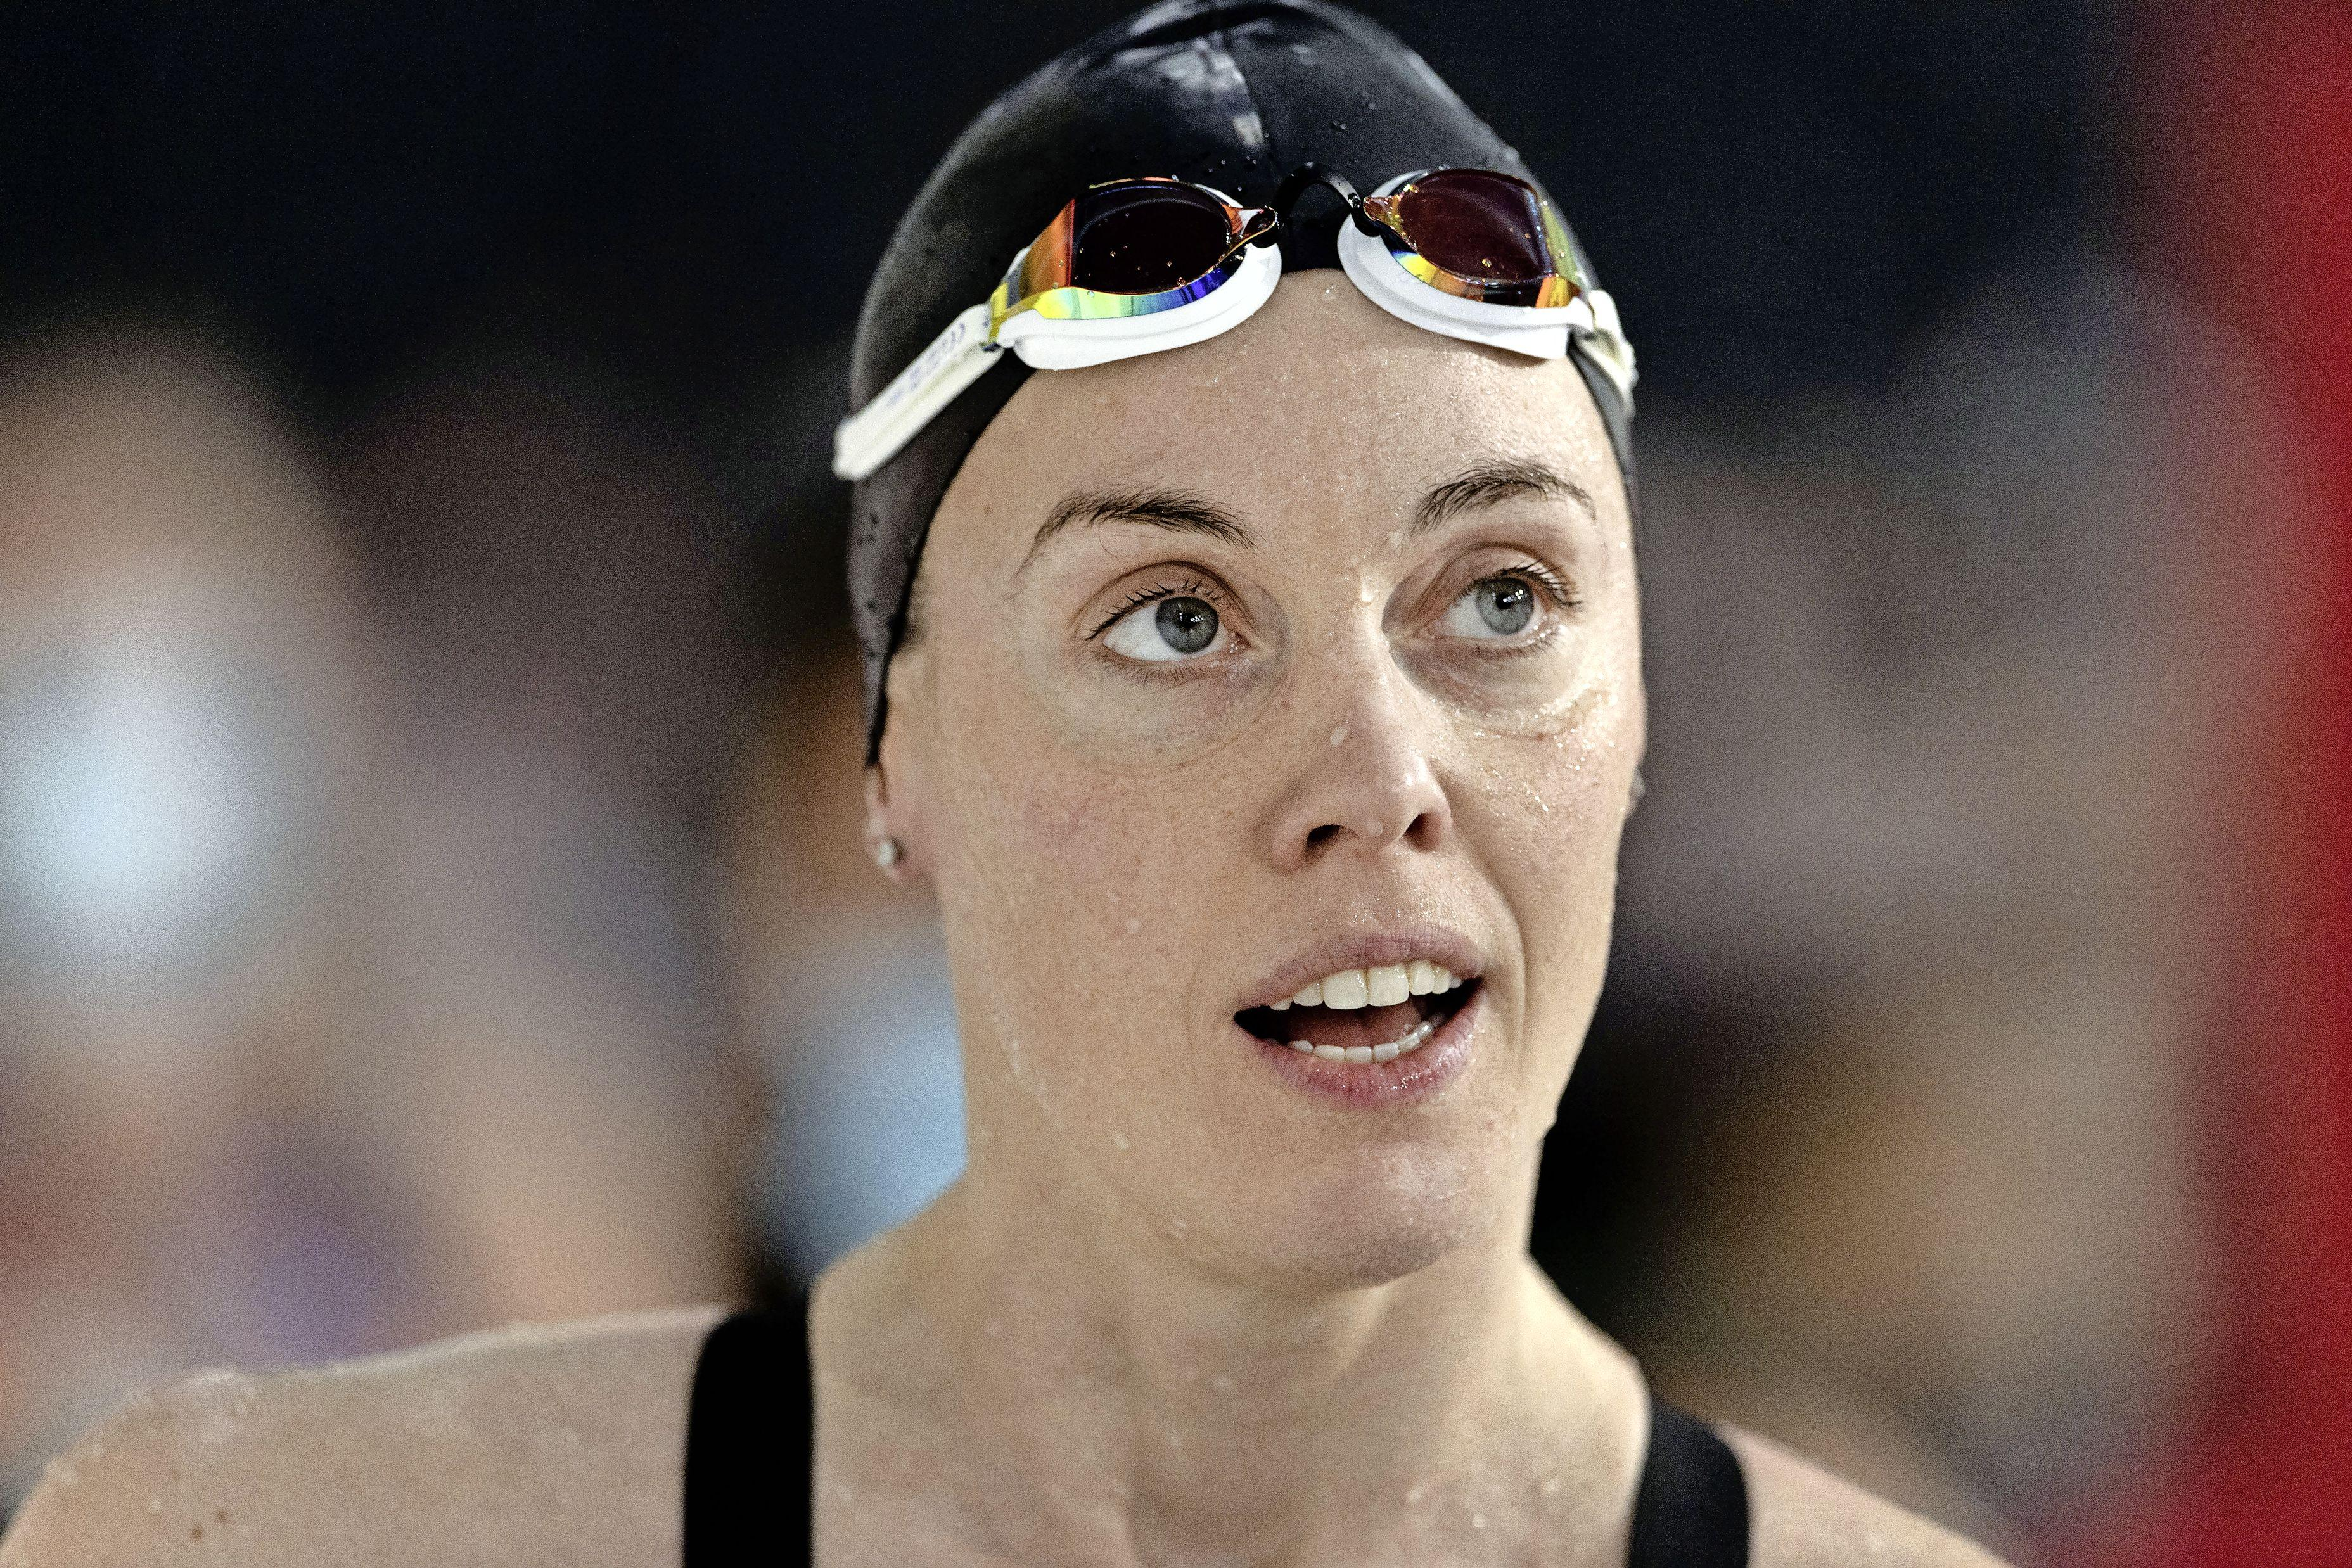 Zwemster Kromowidjojo klopt Heemskerk op 100 meter vrije slag, Arno Kamminga wint 100 meter schoolslag [video]